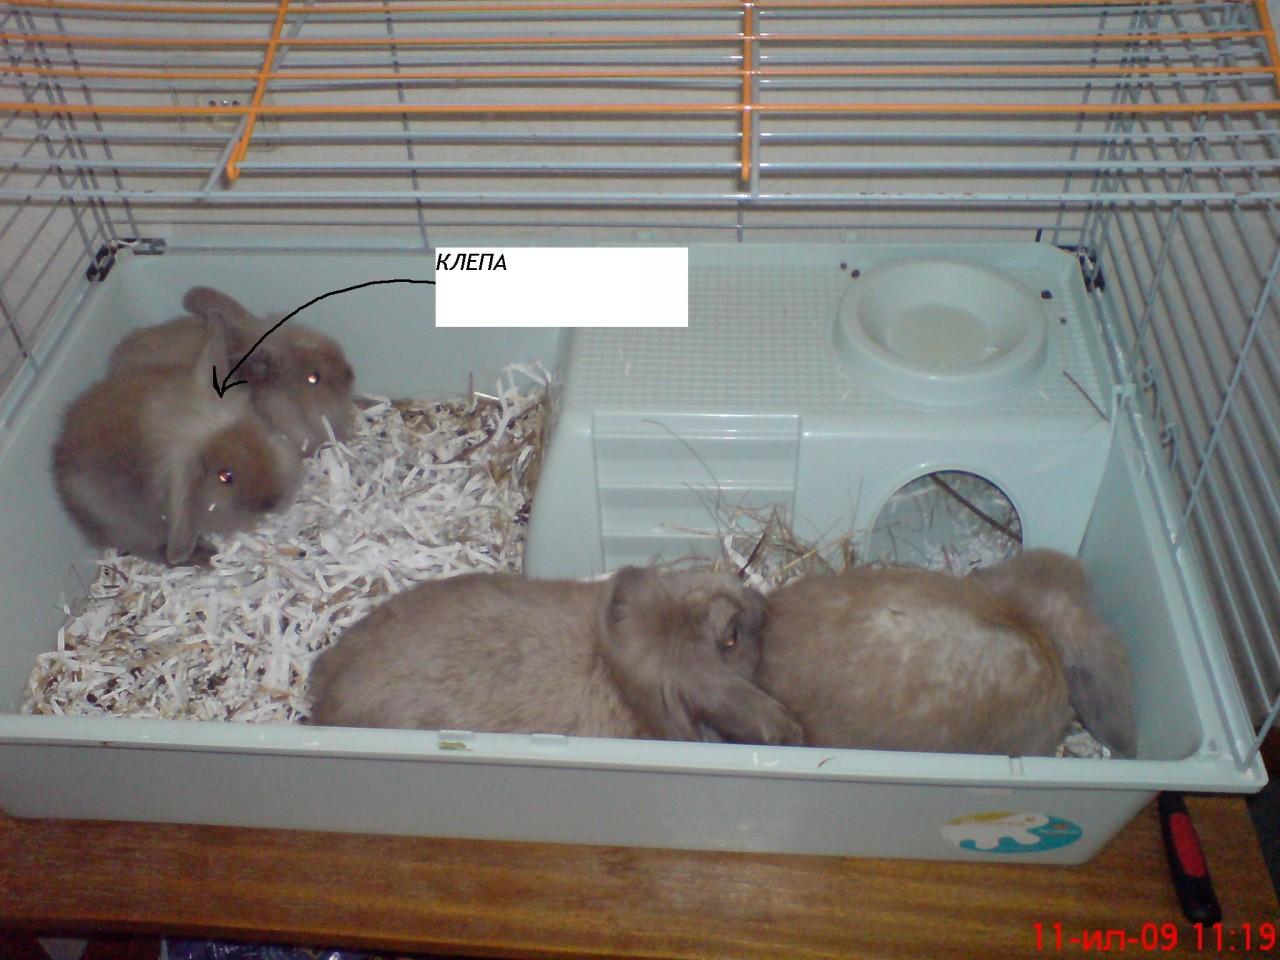 Искусственное кормление новорождённых крольчат. Кролики 36